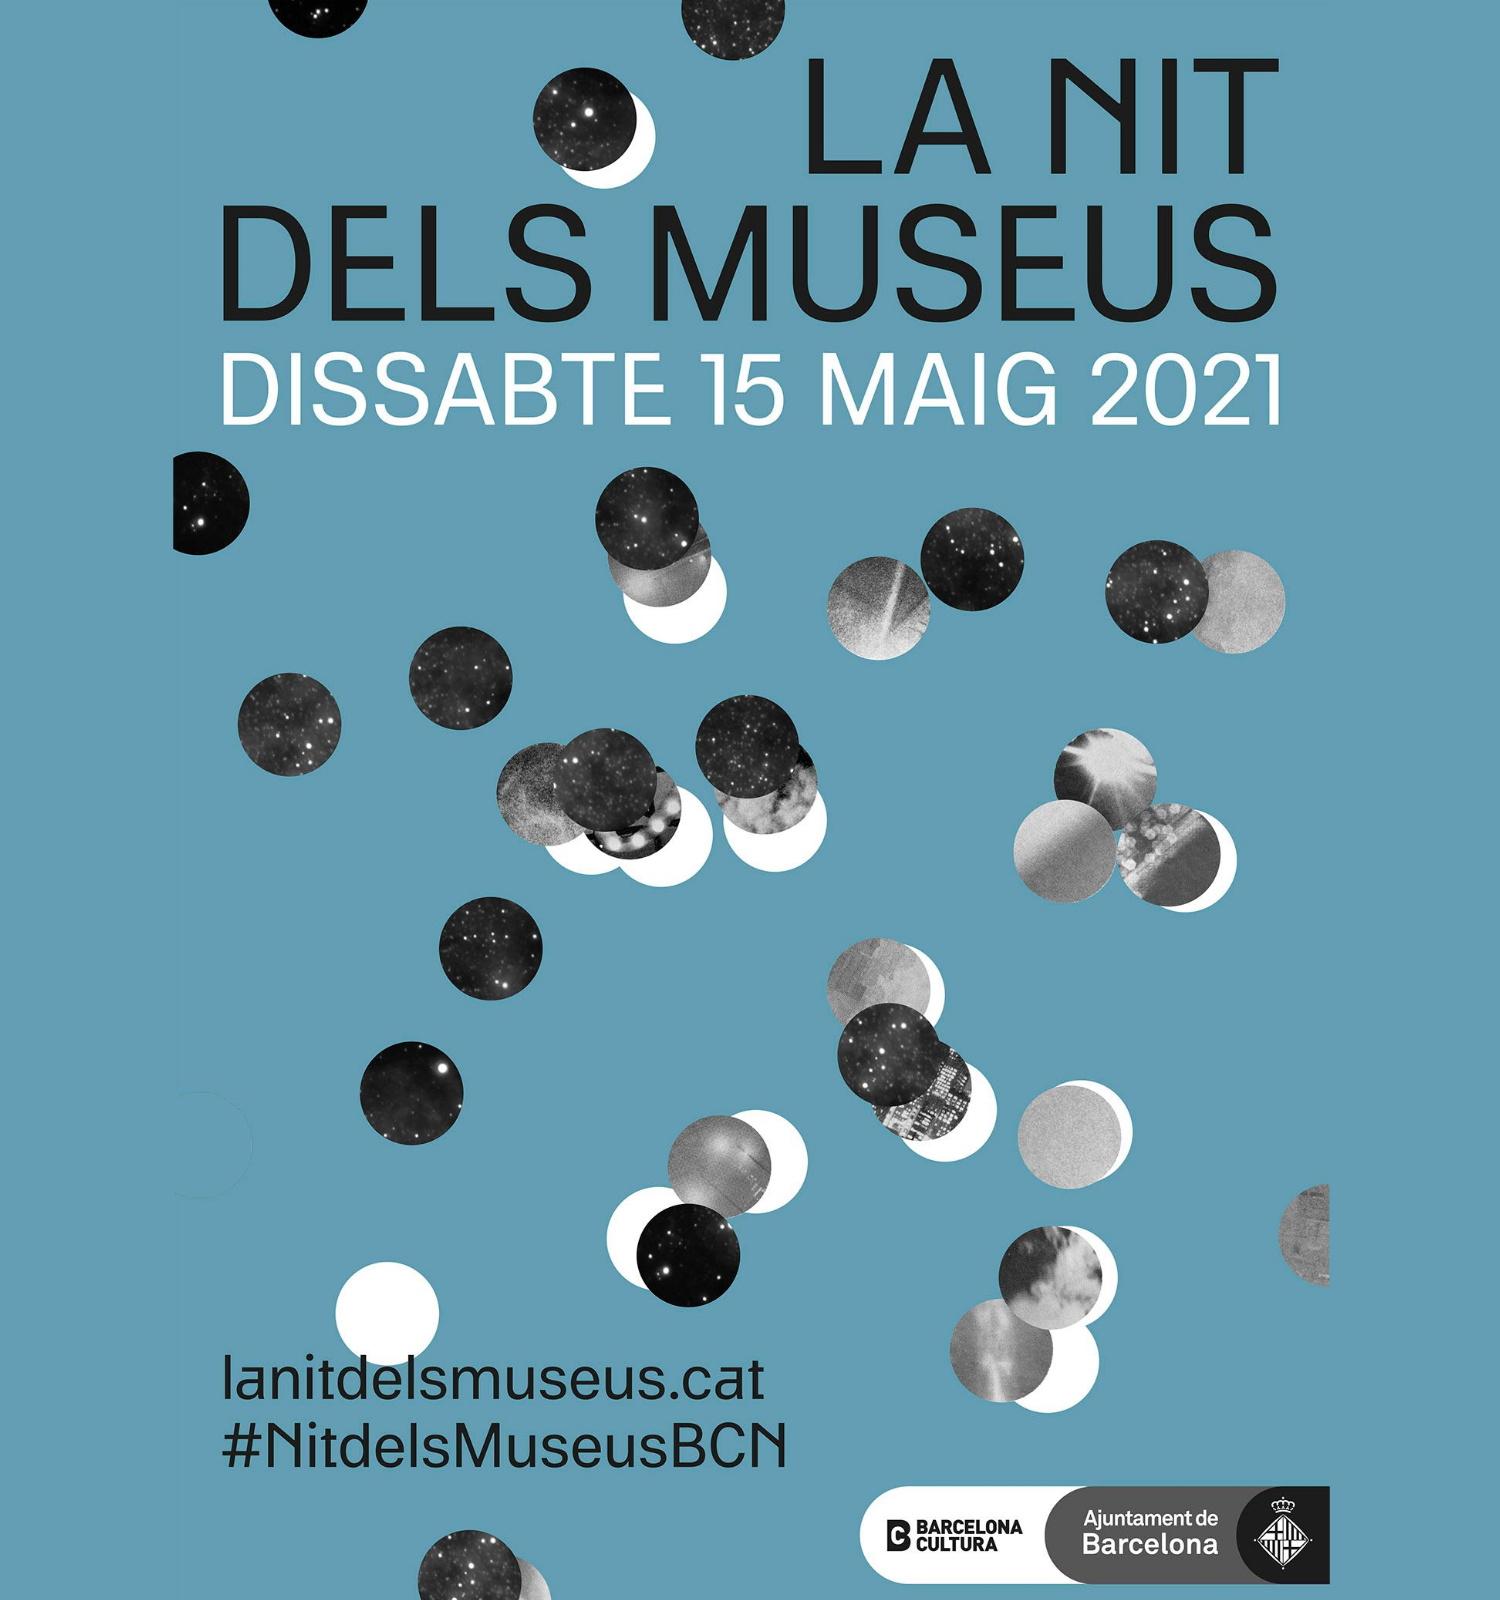 La Nit dels Museus 2021